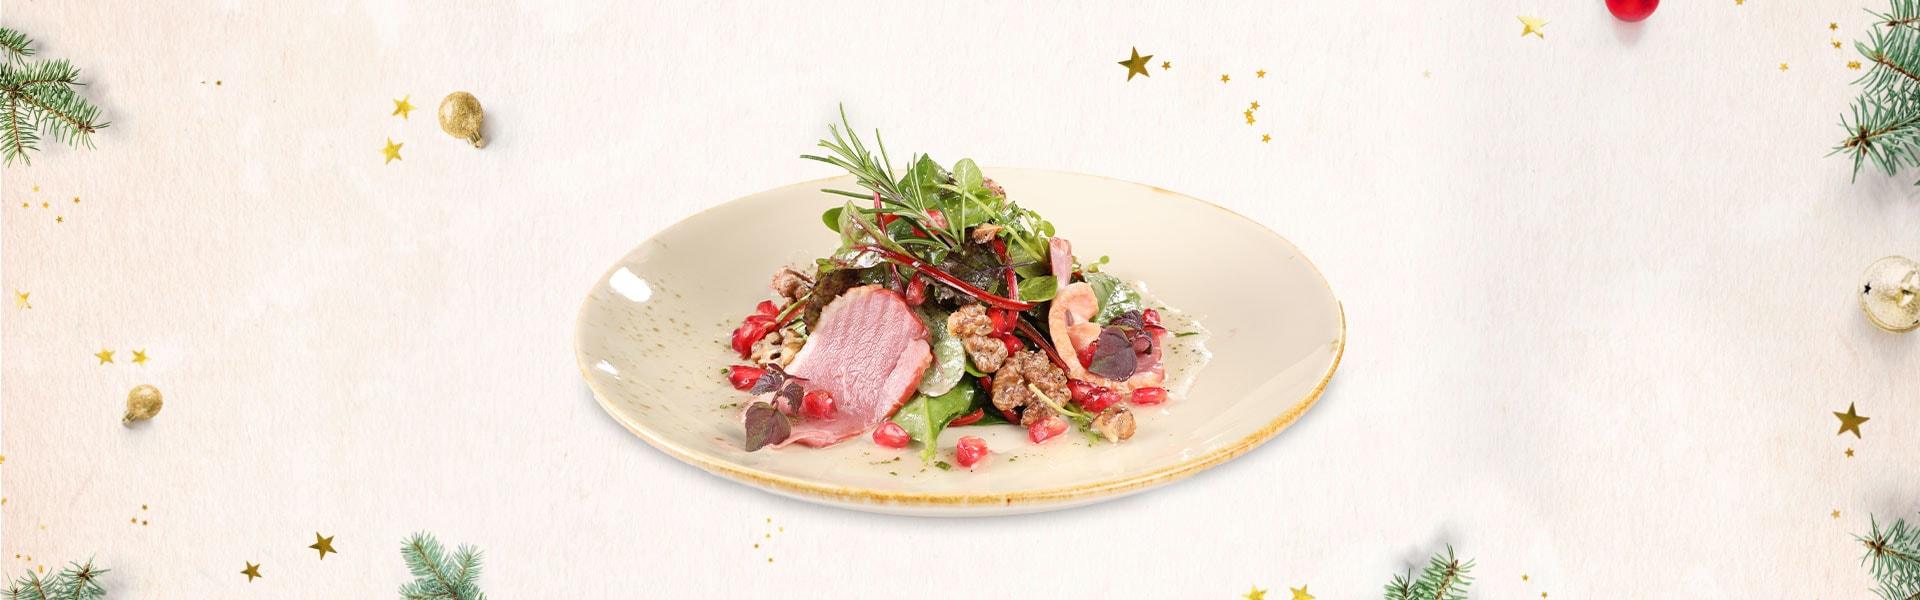 Winterliche Blattsalate mit geräucherter Entenbrust und Granatapfel